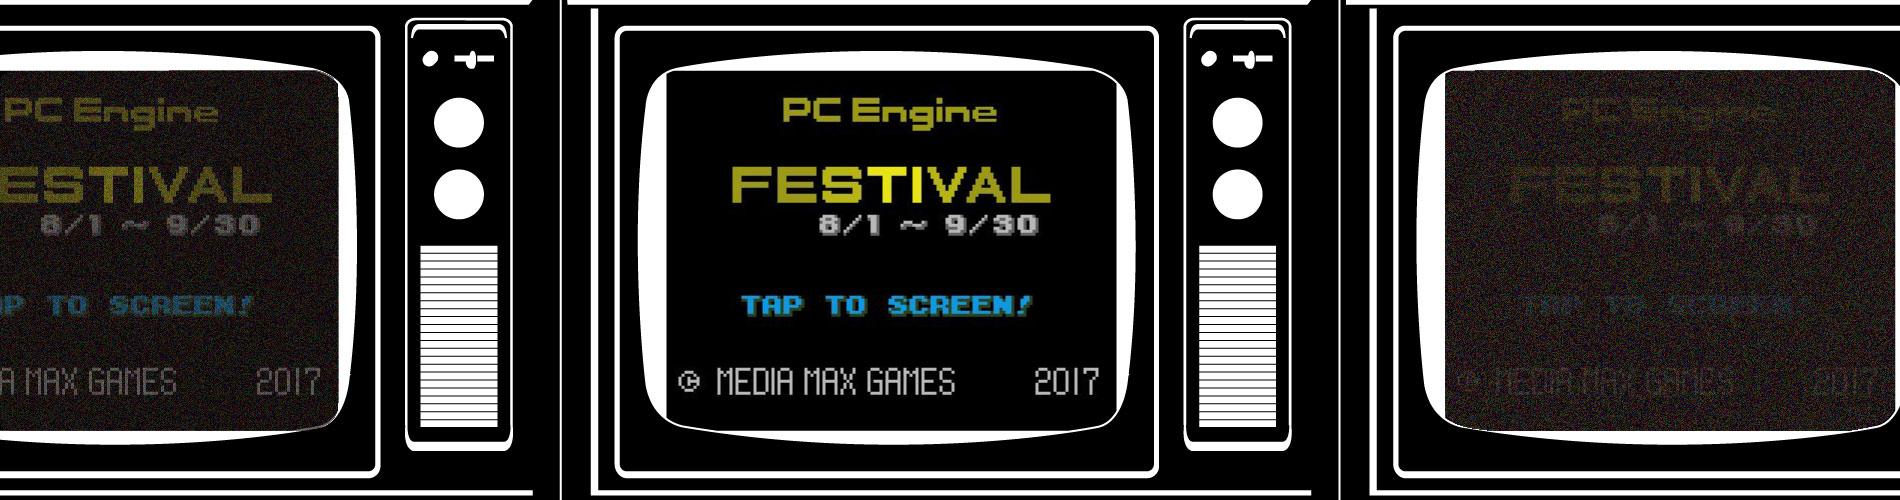 PCエンジン祭 パソコンサイト用バナー